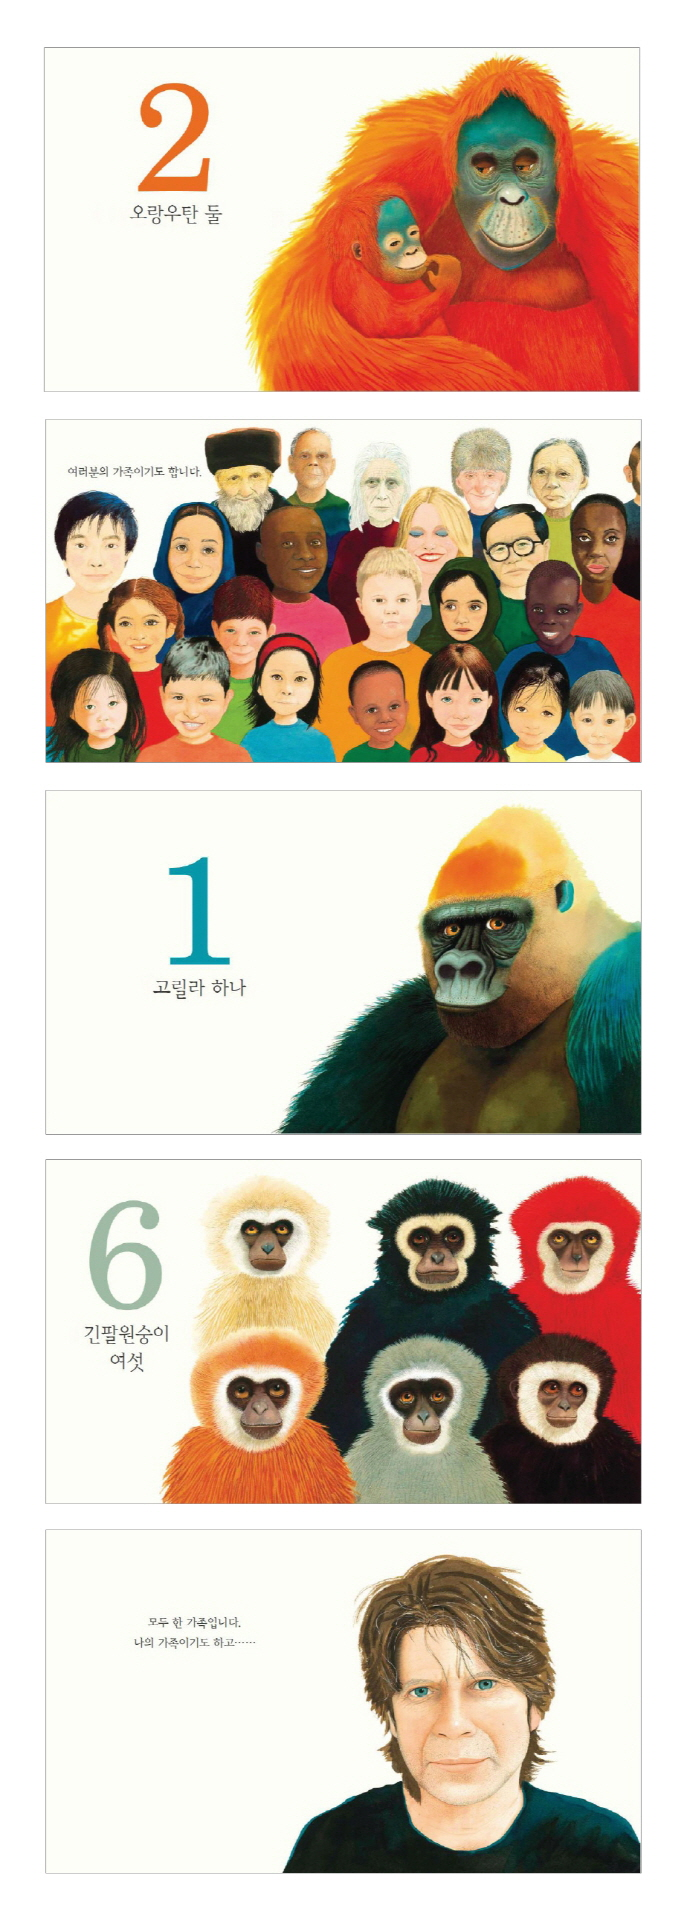 고릴라 가족(웅진 세계 그림책 141)(양장본 HardCover) 도서 상세이미지